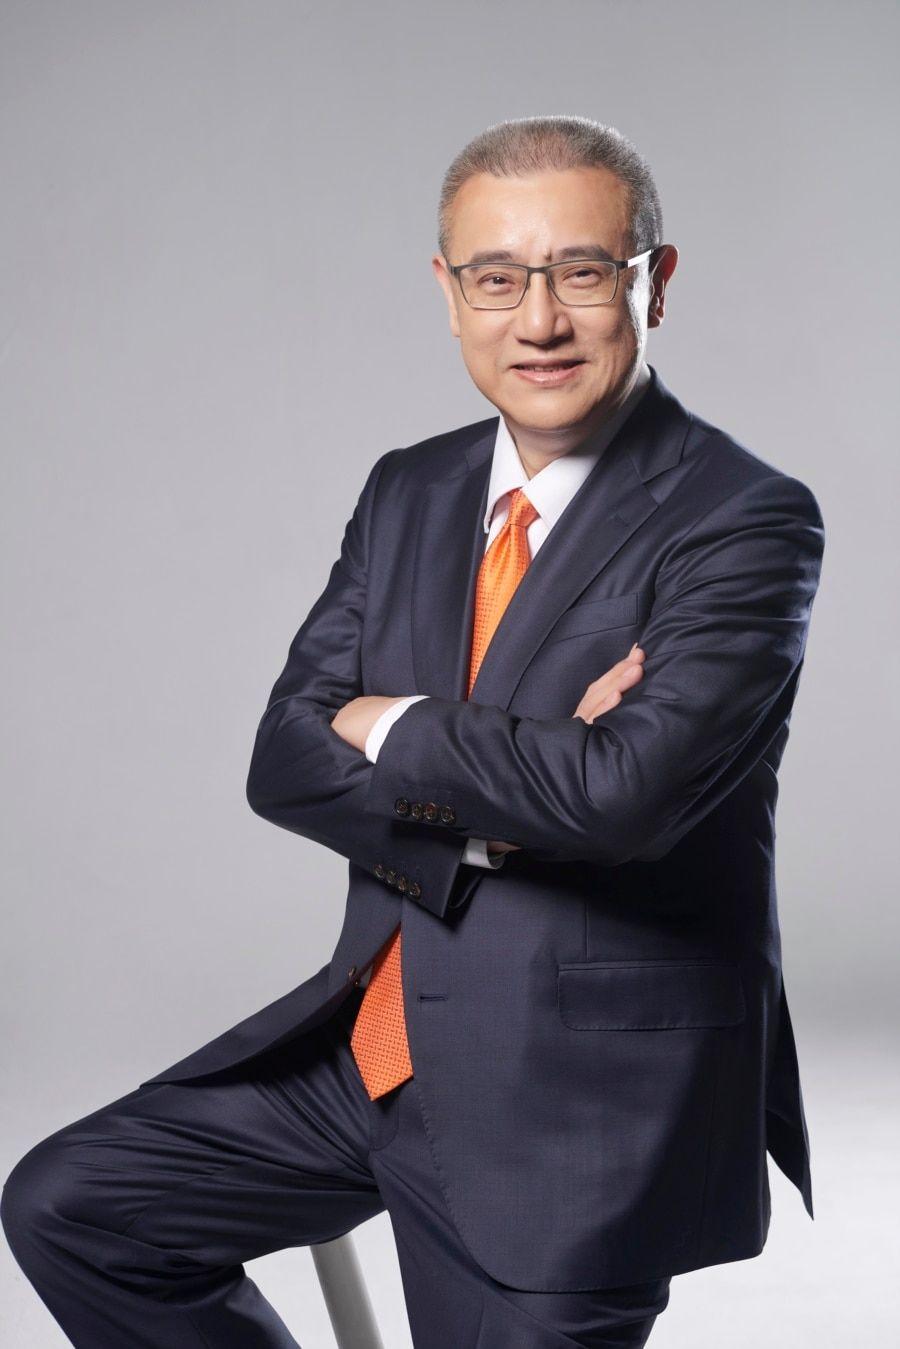 位于台北的蓝涛亚洲总裁黄齐元(照片提供: 黄齐元)